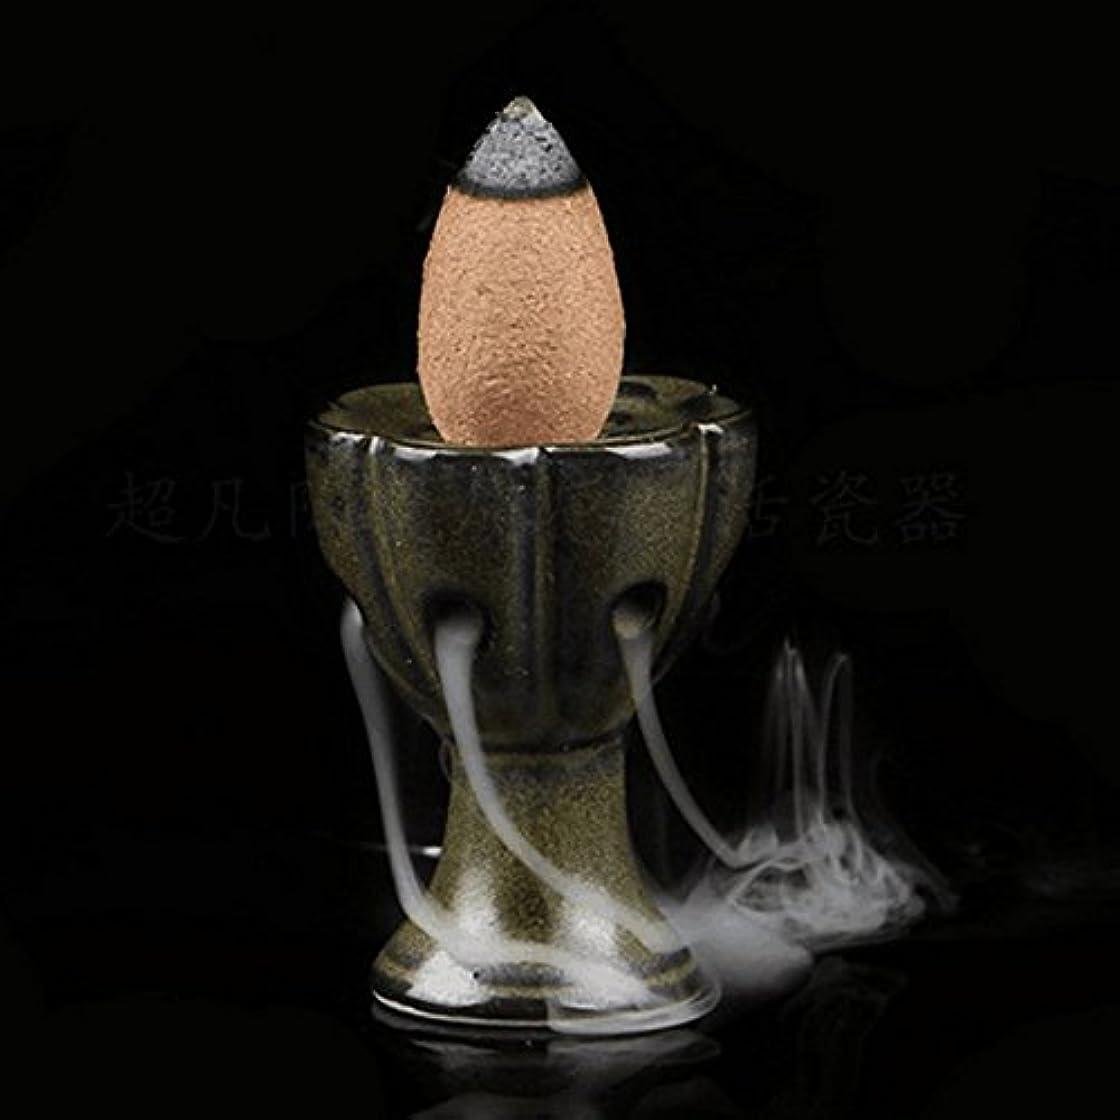 部分請う近代化するattachmenttou 仏教サンダルウッドコーン ホームデコレーション 逆流香炉クラフト 釉薬香炉ホルダー ミニロータスセラミック